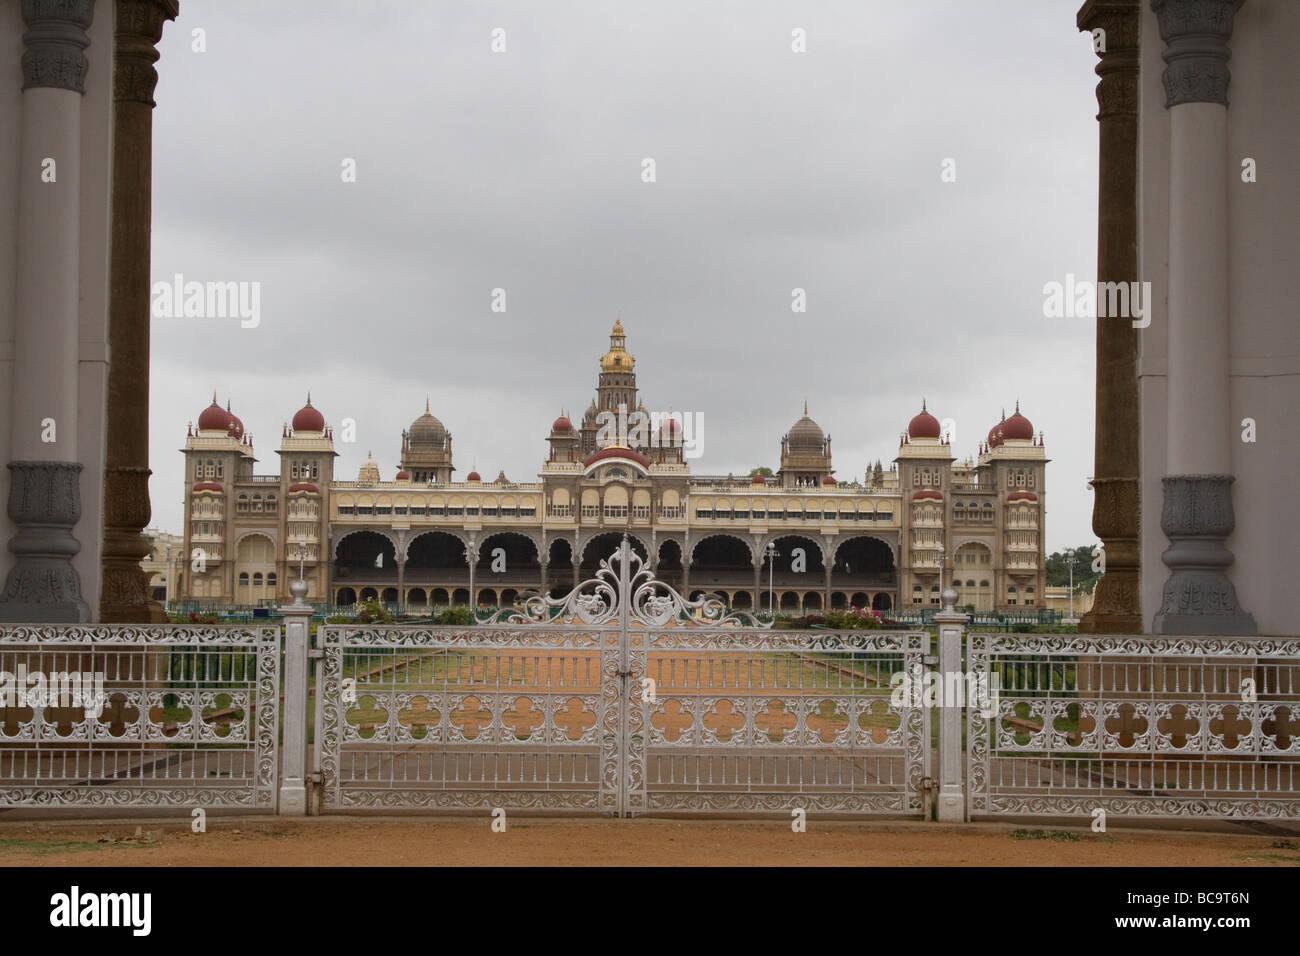 MYSORE PALACE IN KARNATAKA, INDIA - Stock Image